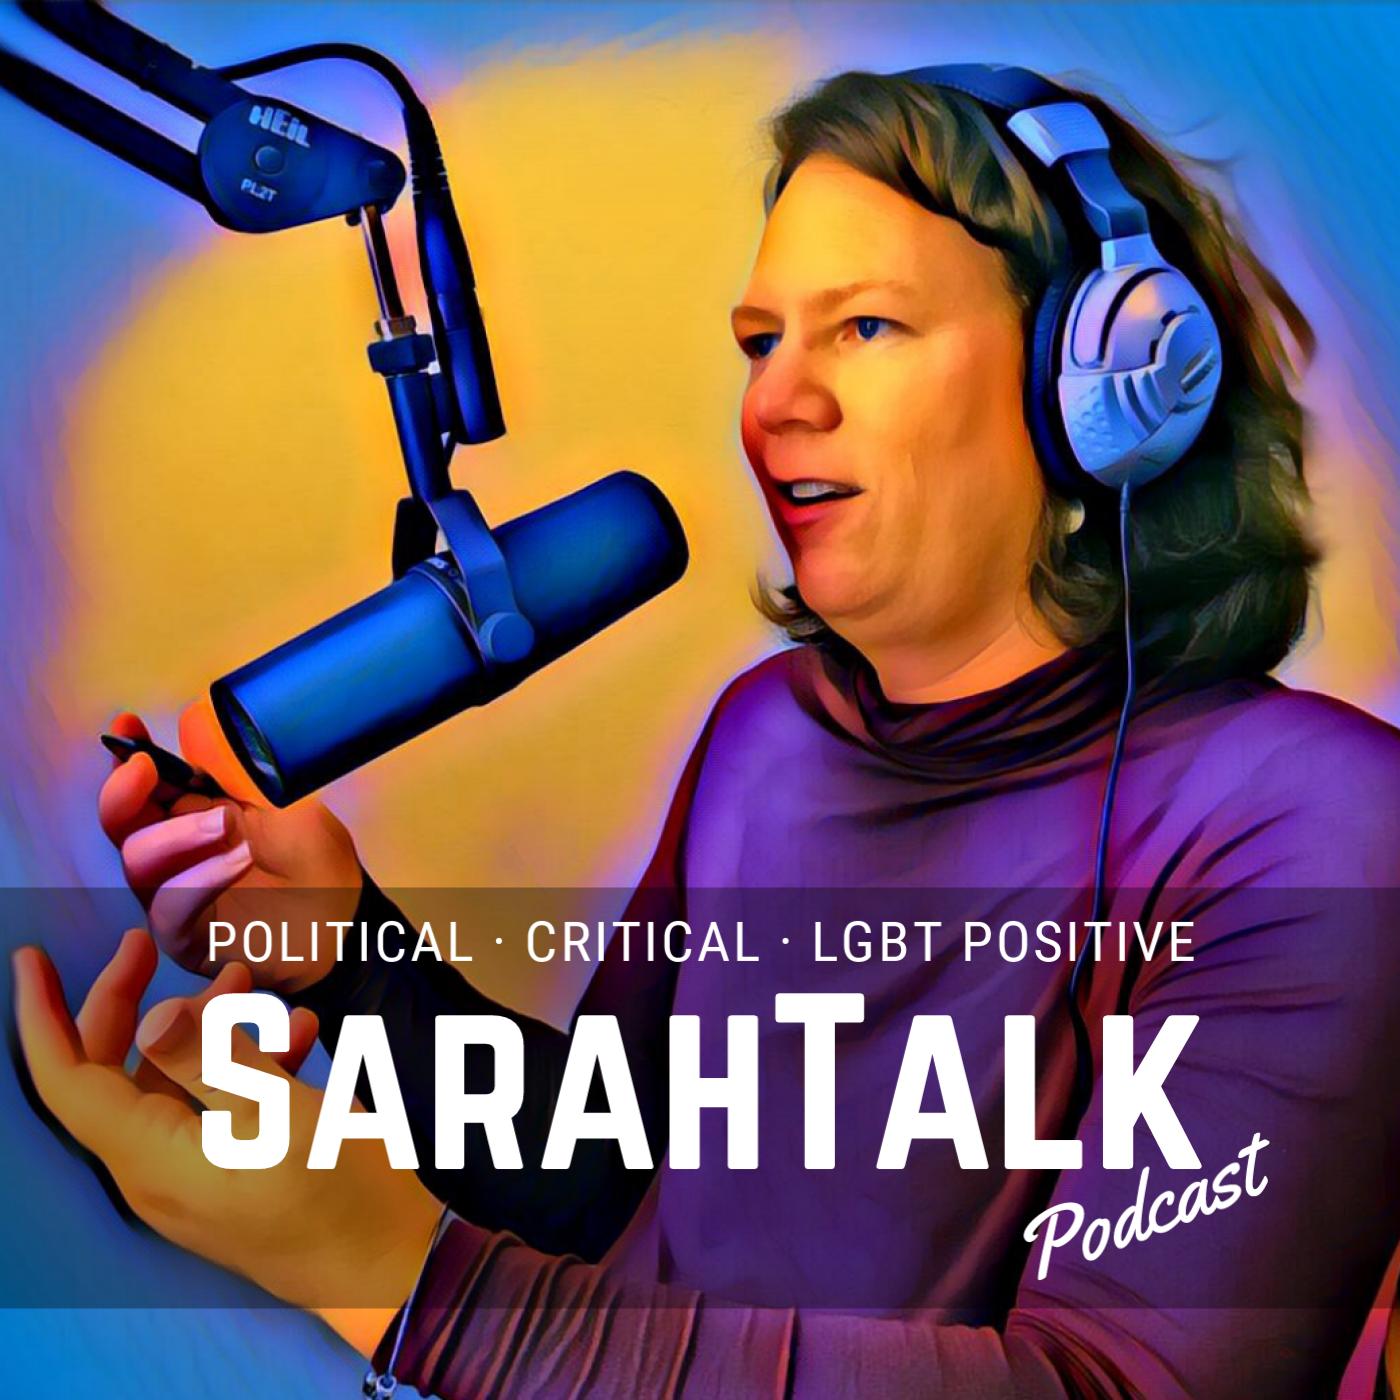 SarahTalk - Critical - Political - LGBT Positive